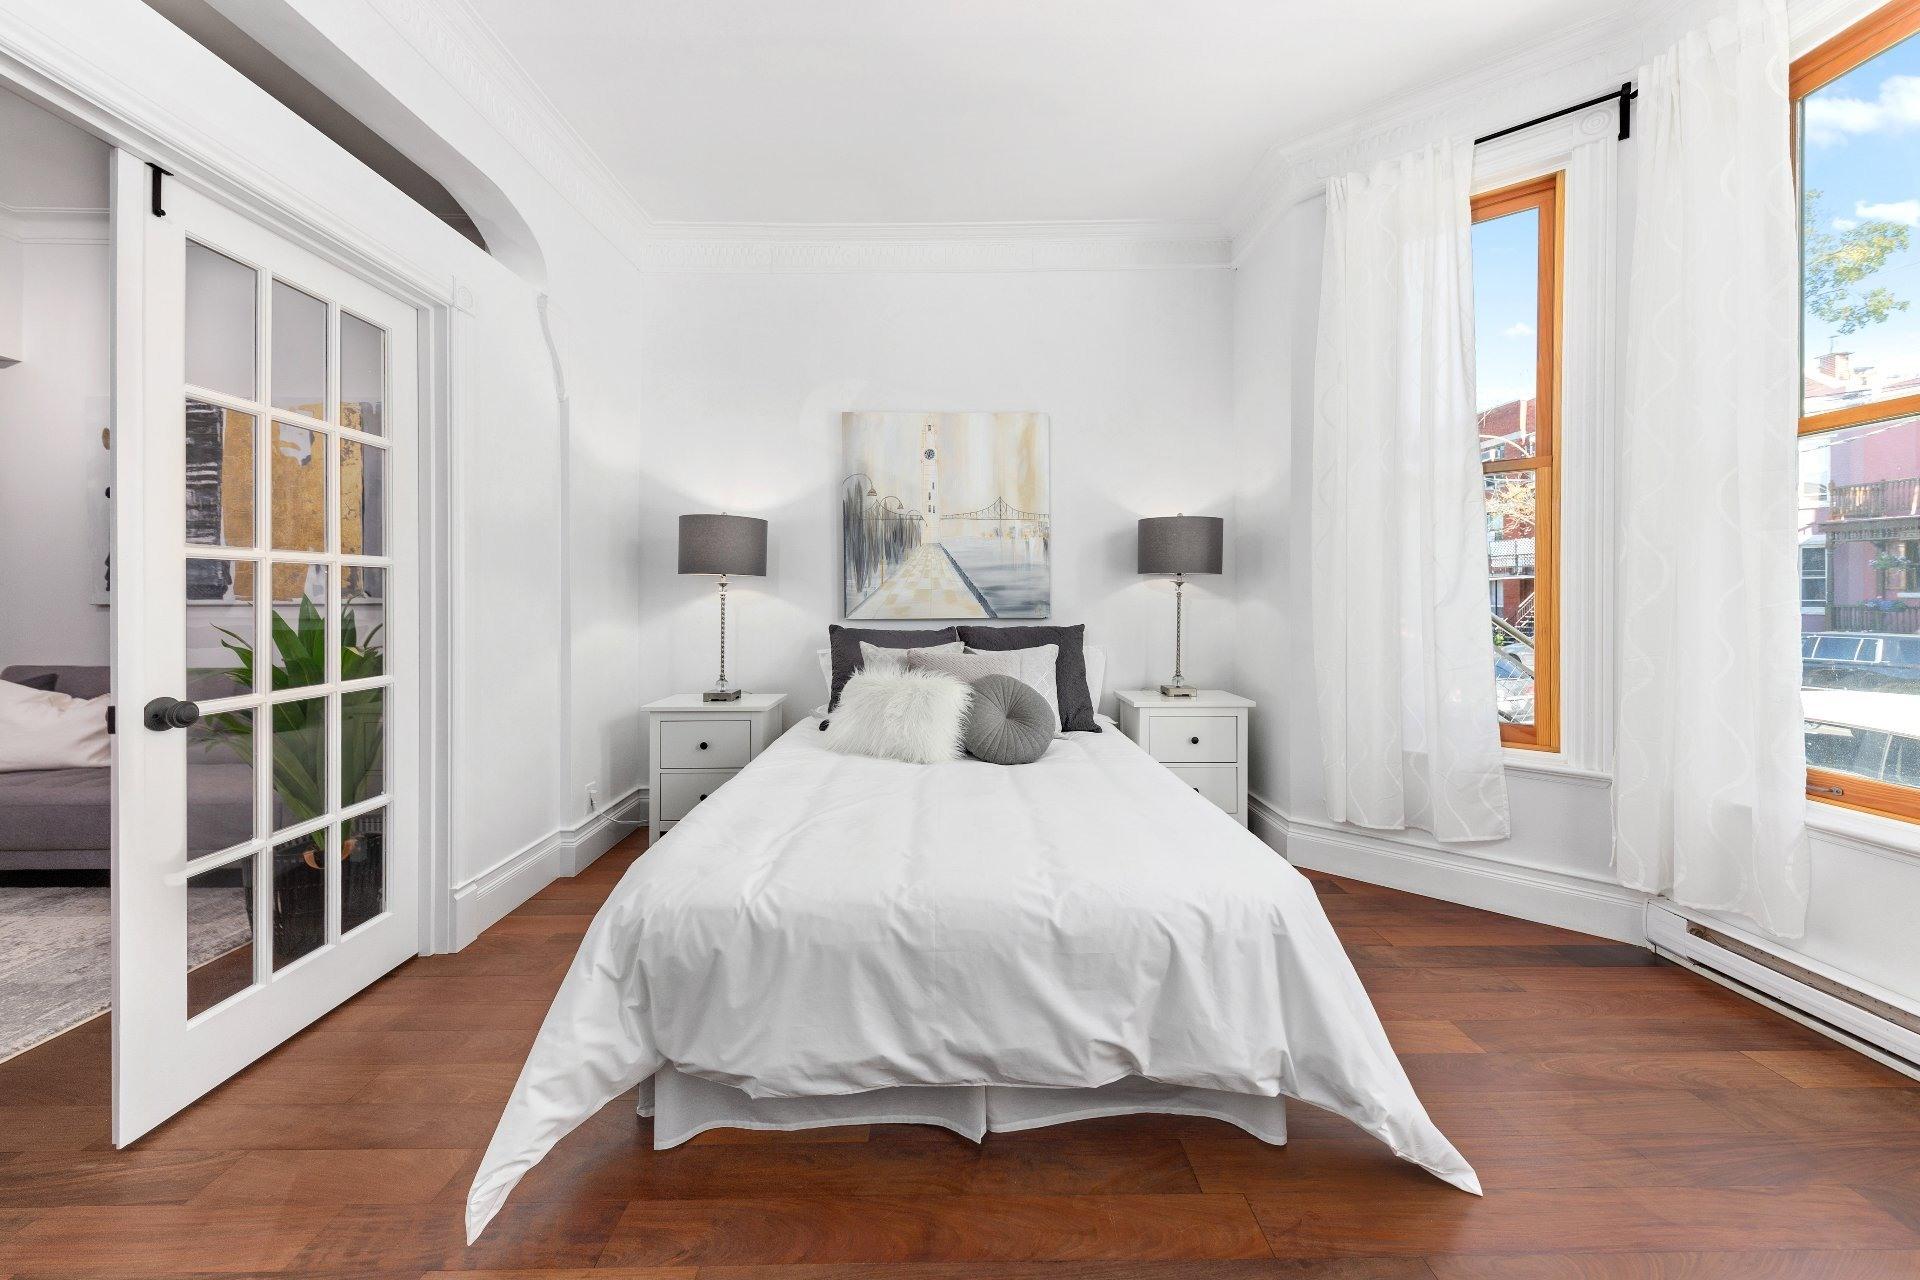 image 13 - Duplex For sale Le Plateau-Mont-Royal Montréal  - 5 rooms